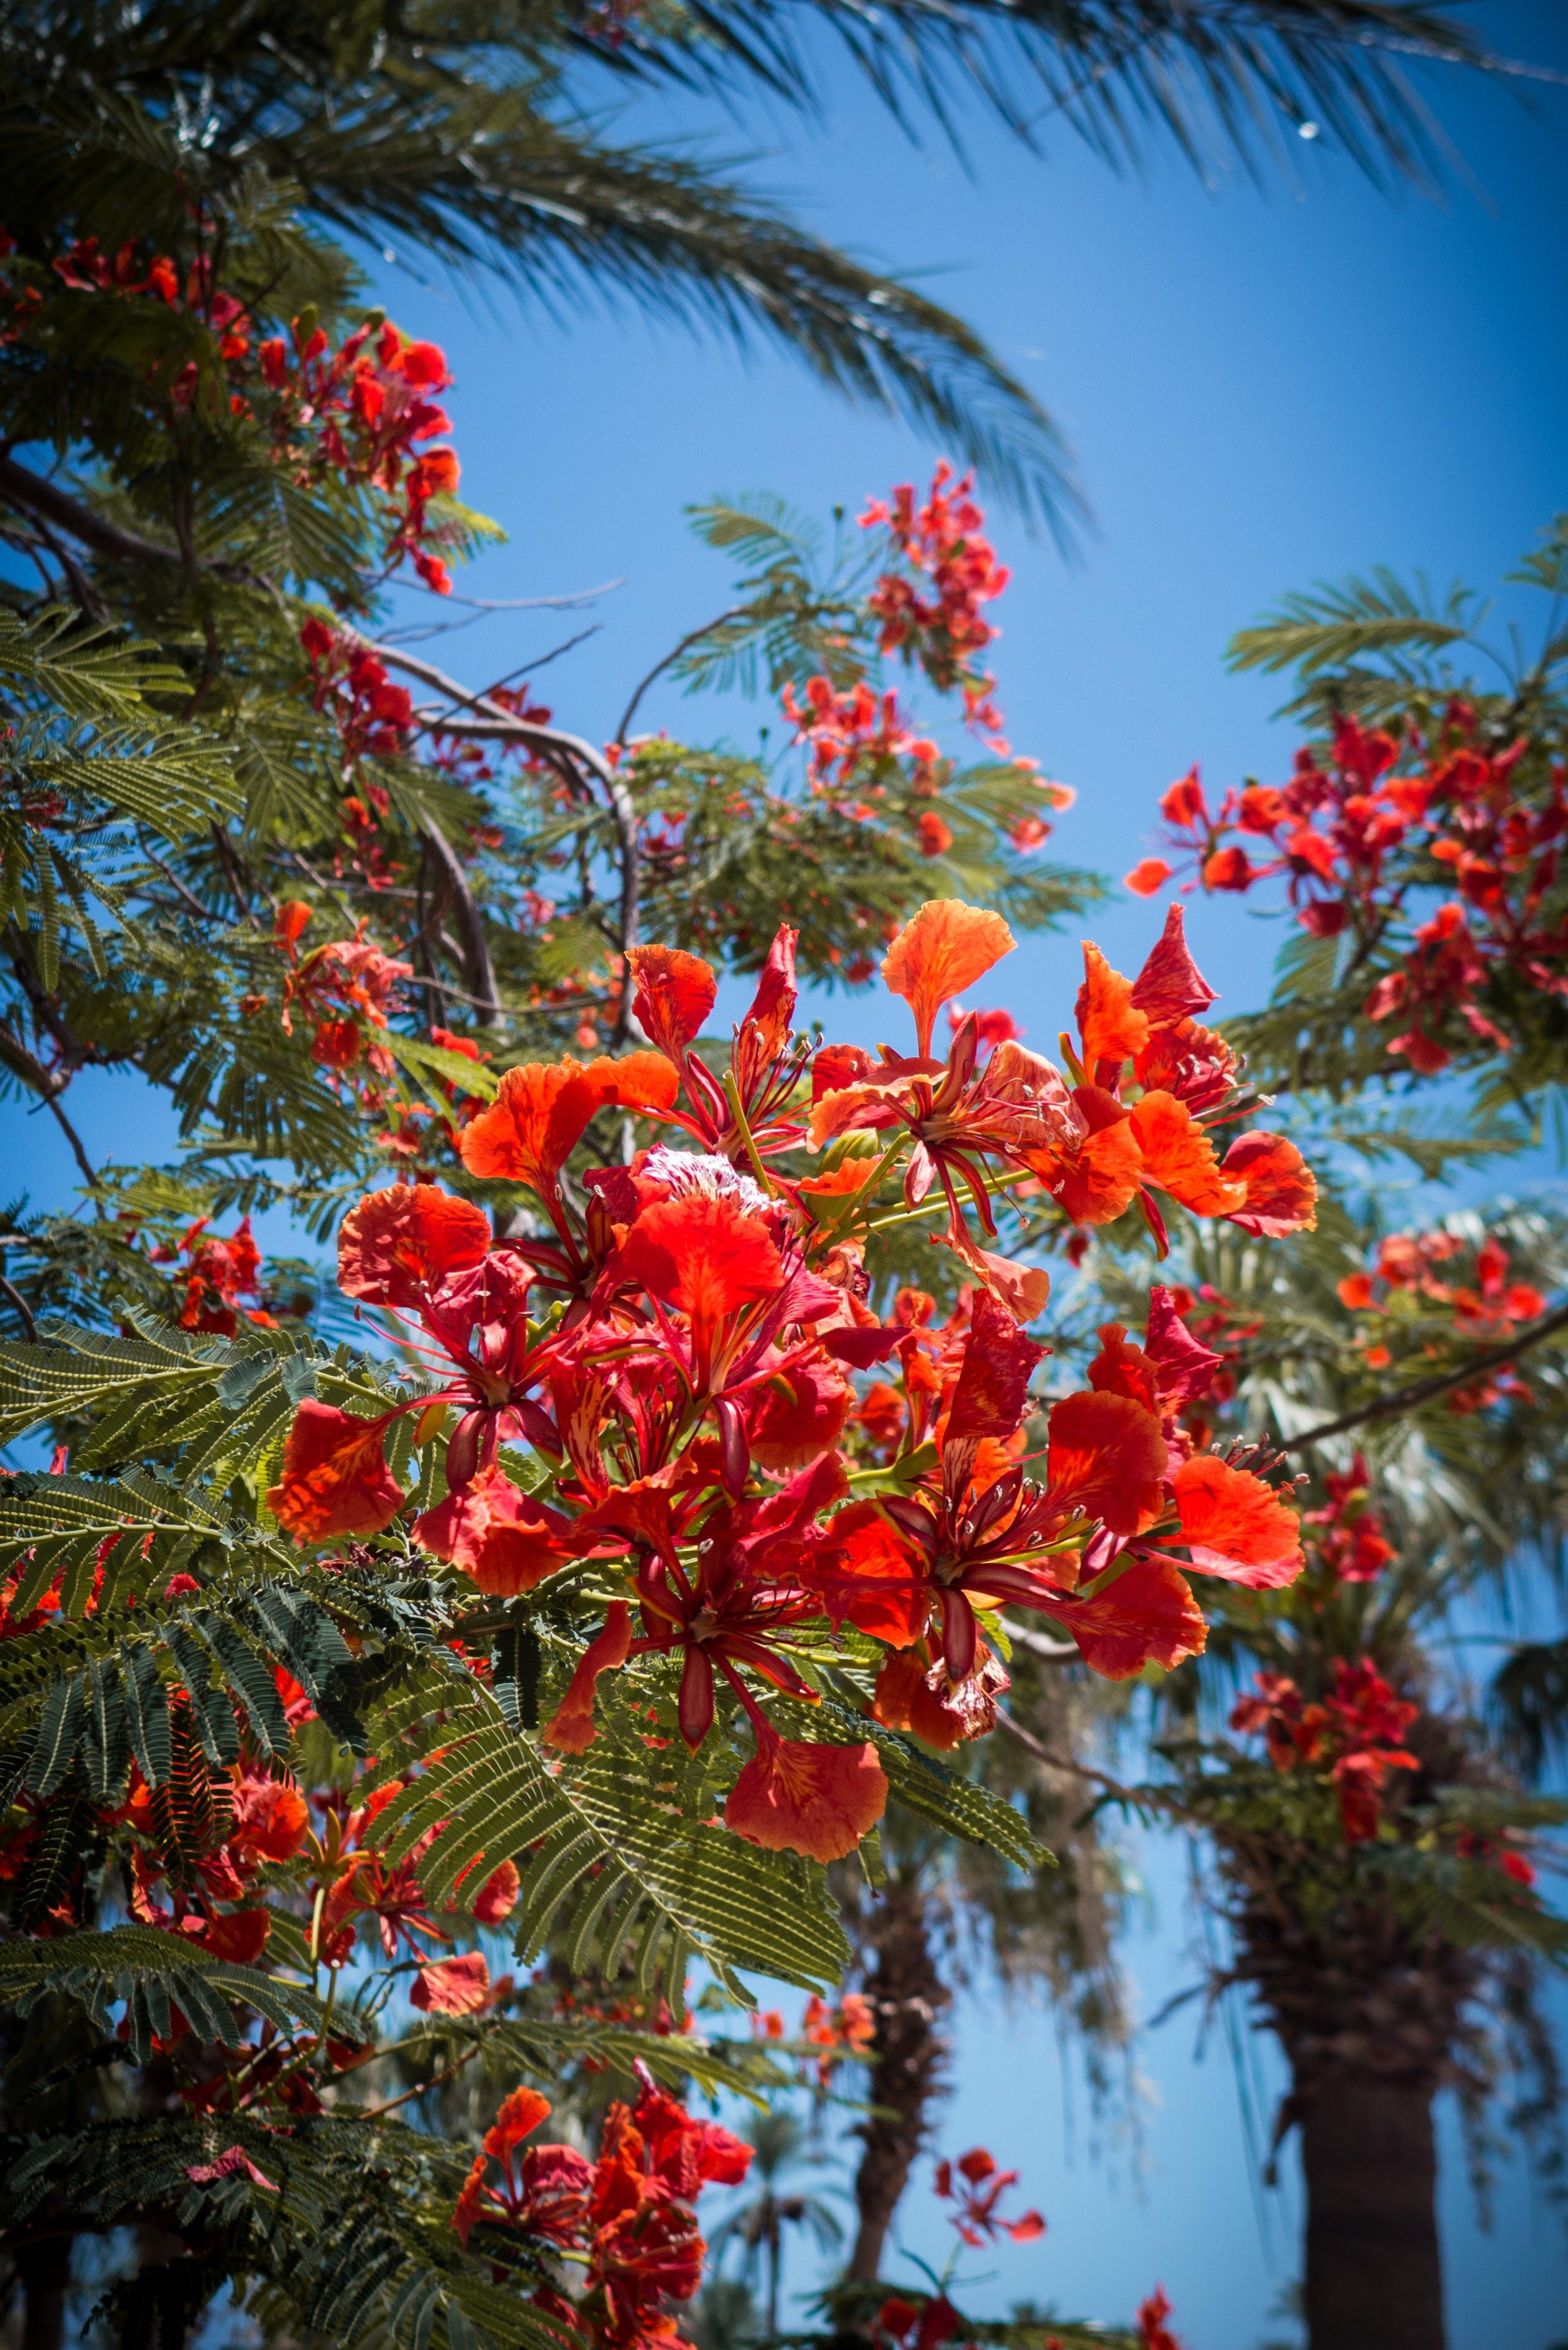 Kostenloses Stock Foto zu natur, blumen, bäume, äste